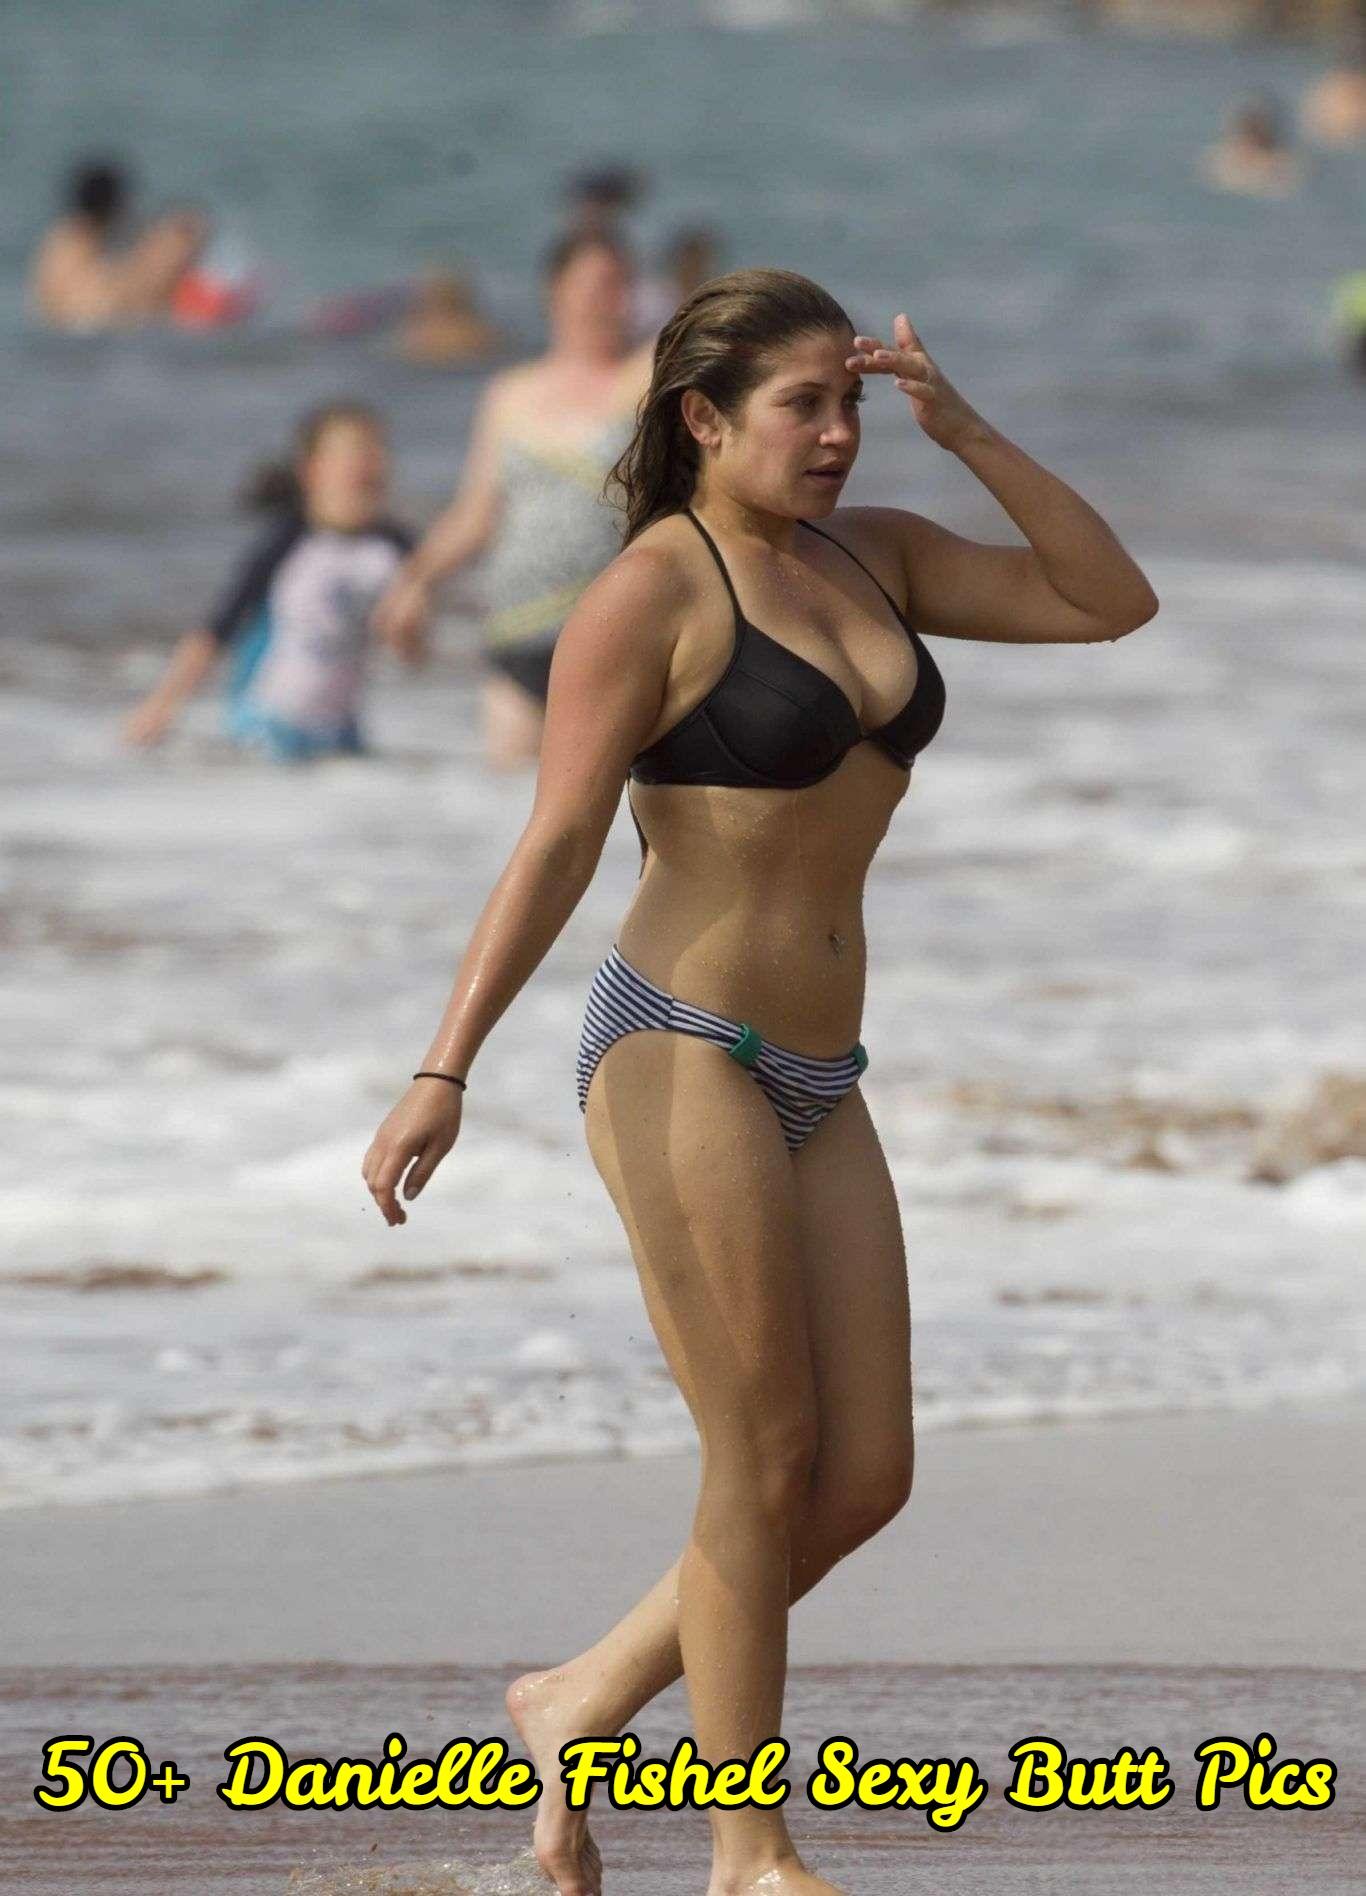 Danielle Fishel sexy butt pics